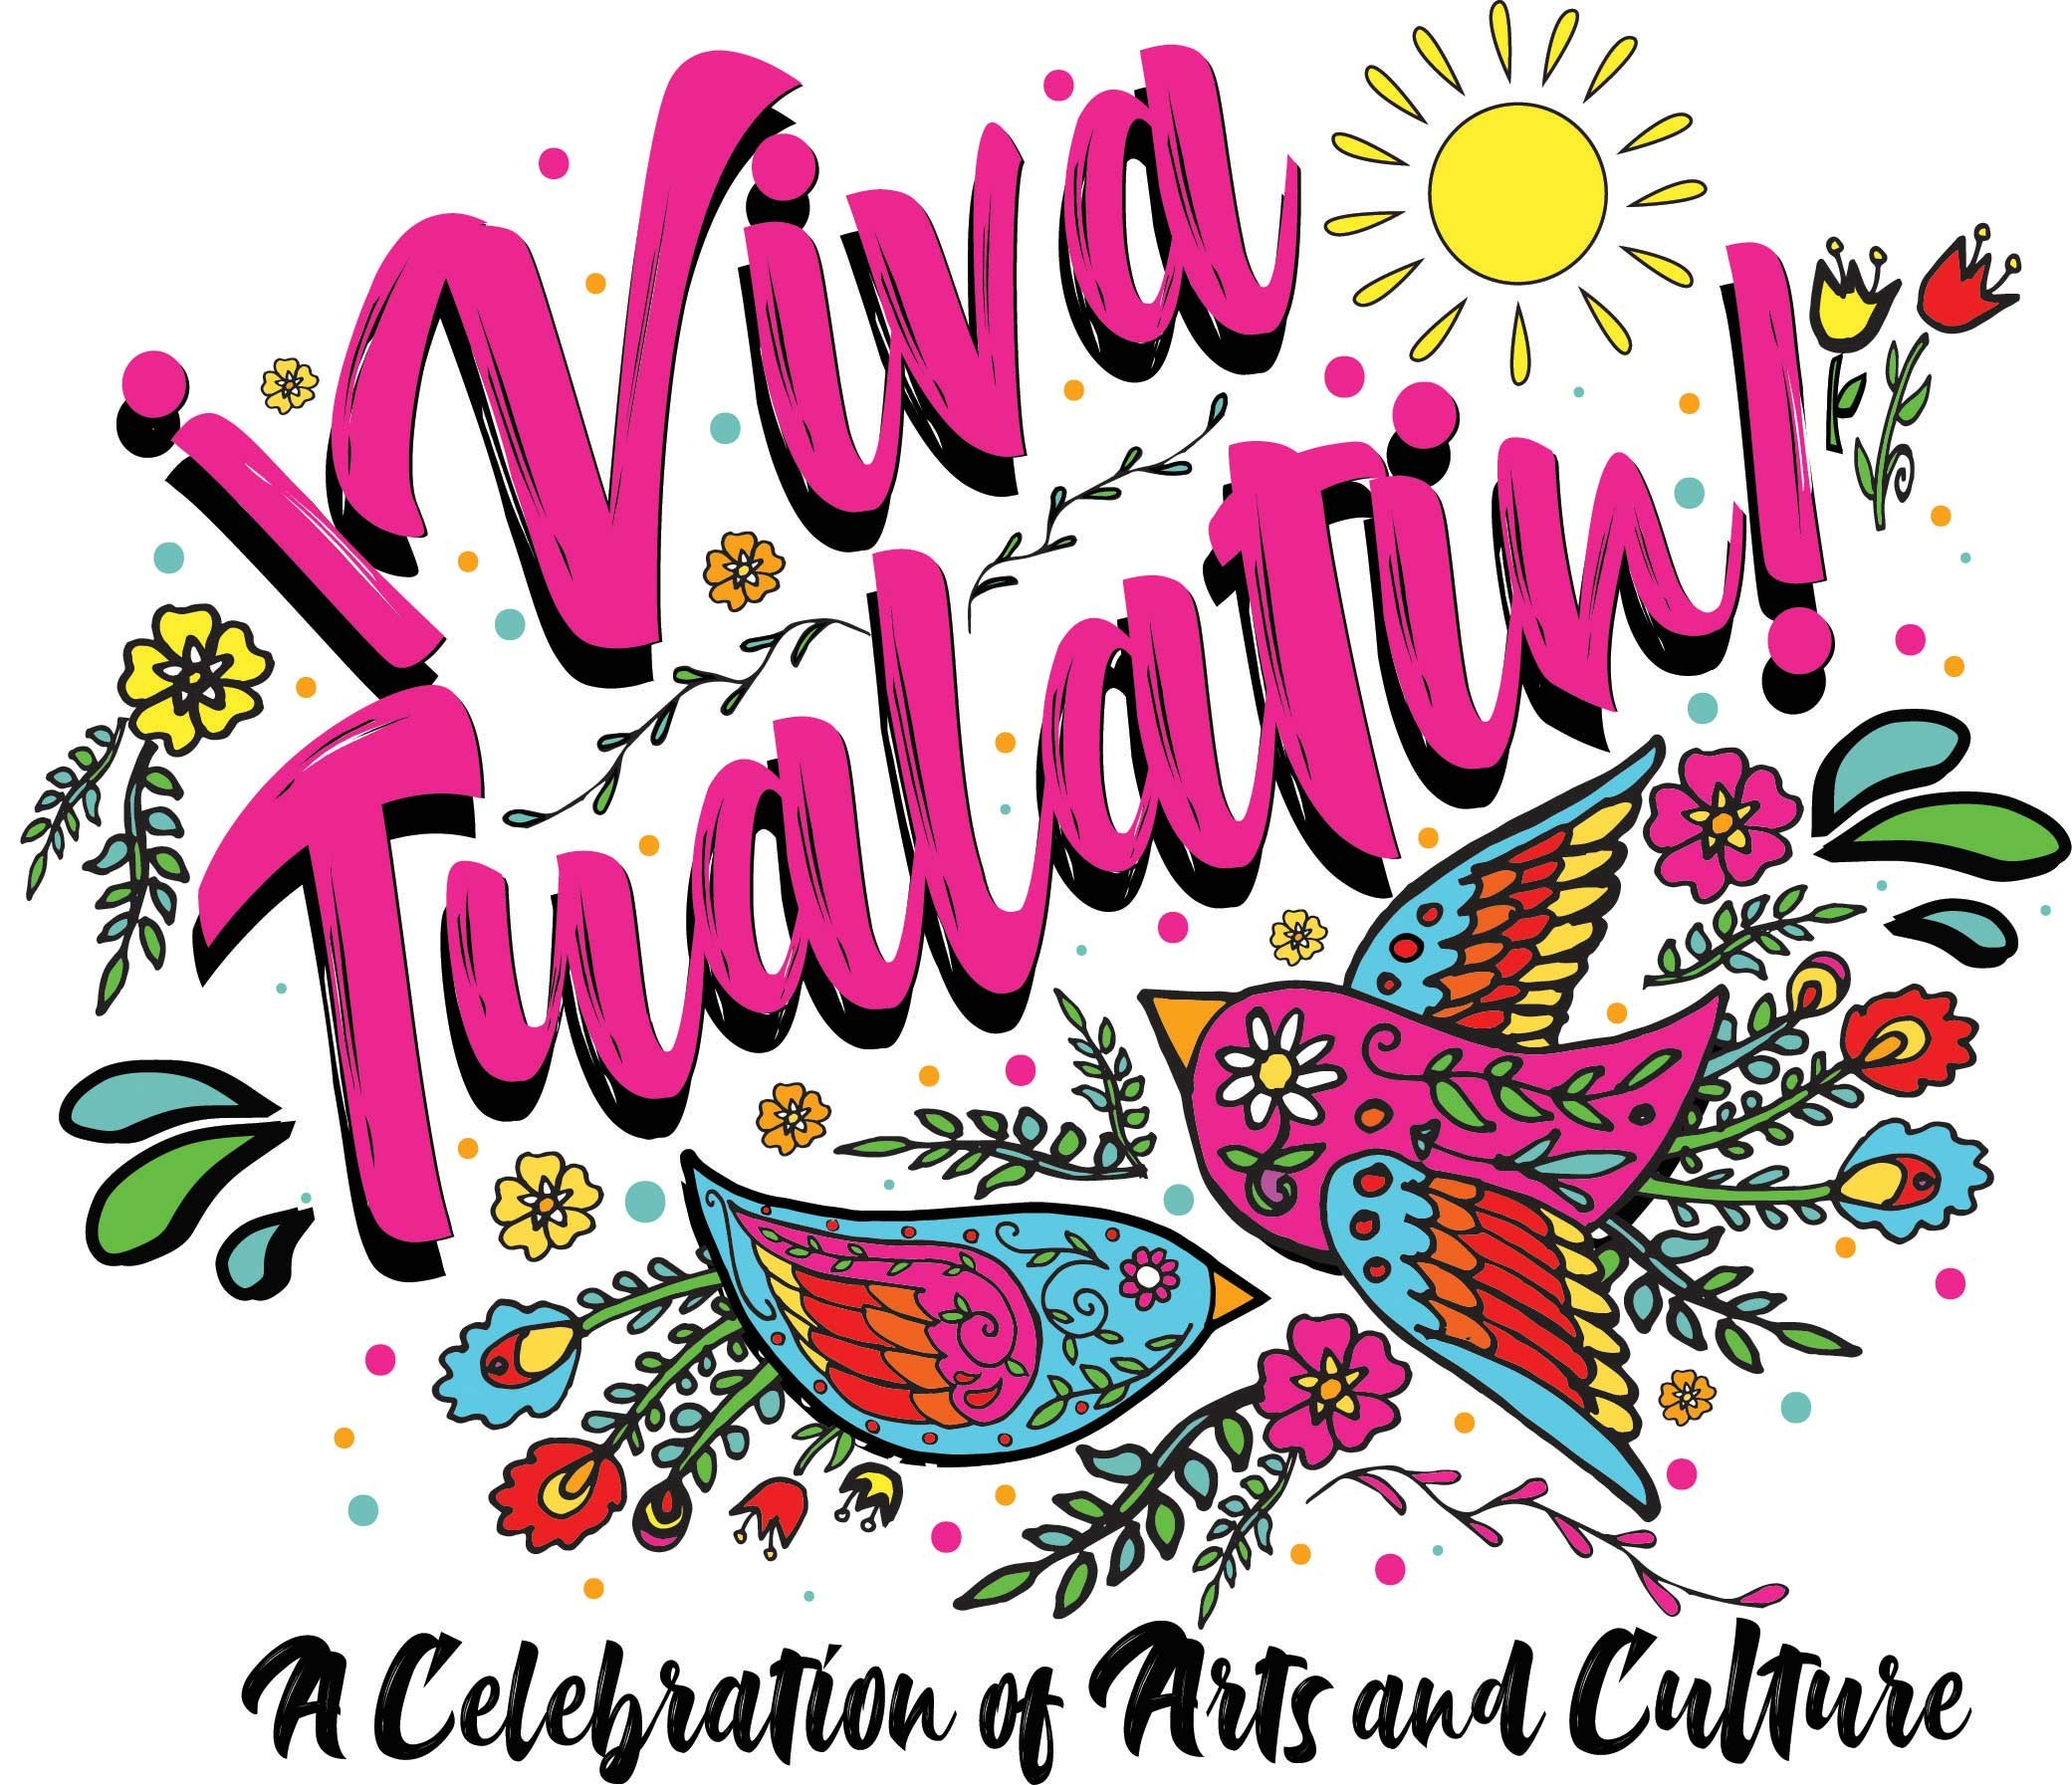 Viva Tualatin! A Celebration of Arts and Culture at Tualatin.